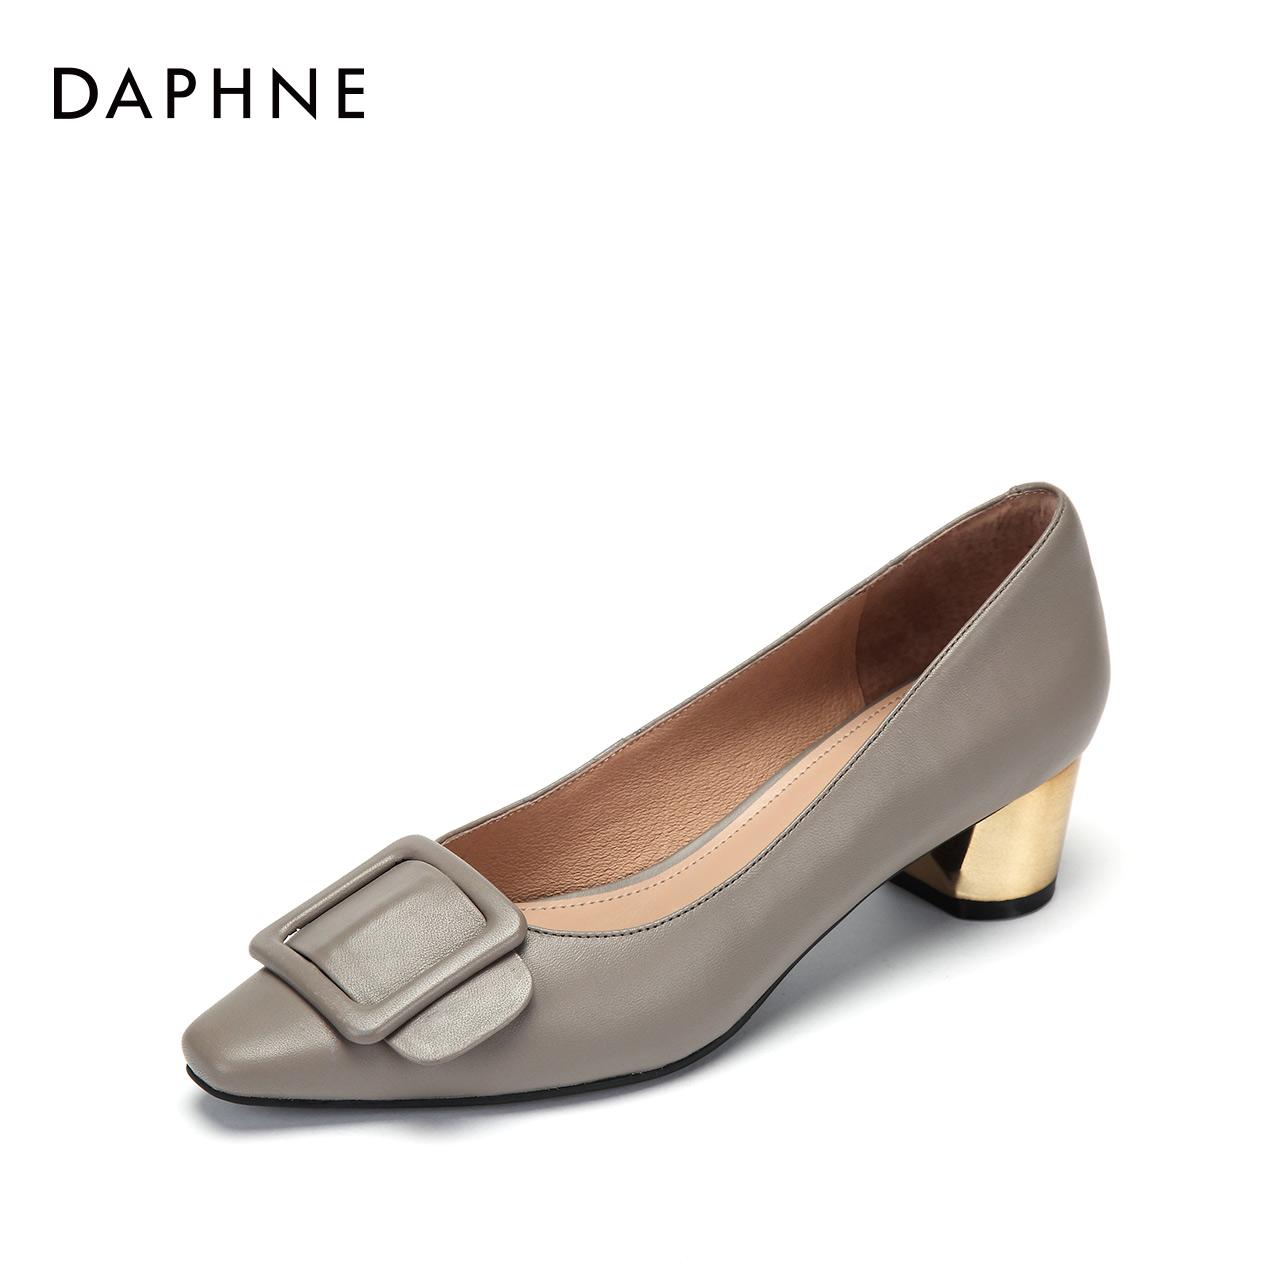 新款牛皮时尚浅口方头皮带扣优雅粗跟单鞋女 2018 达芙妮 Daphne